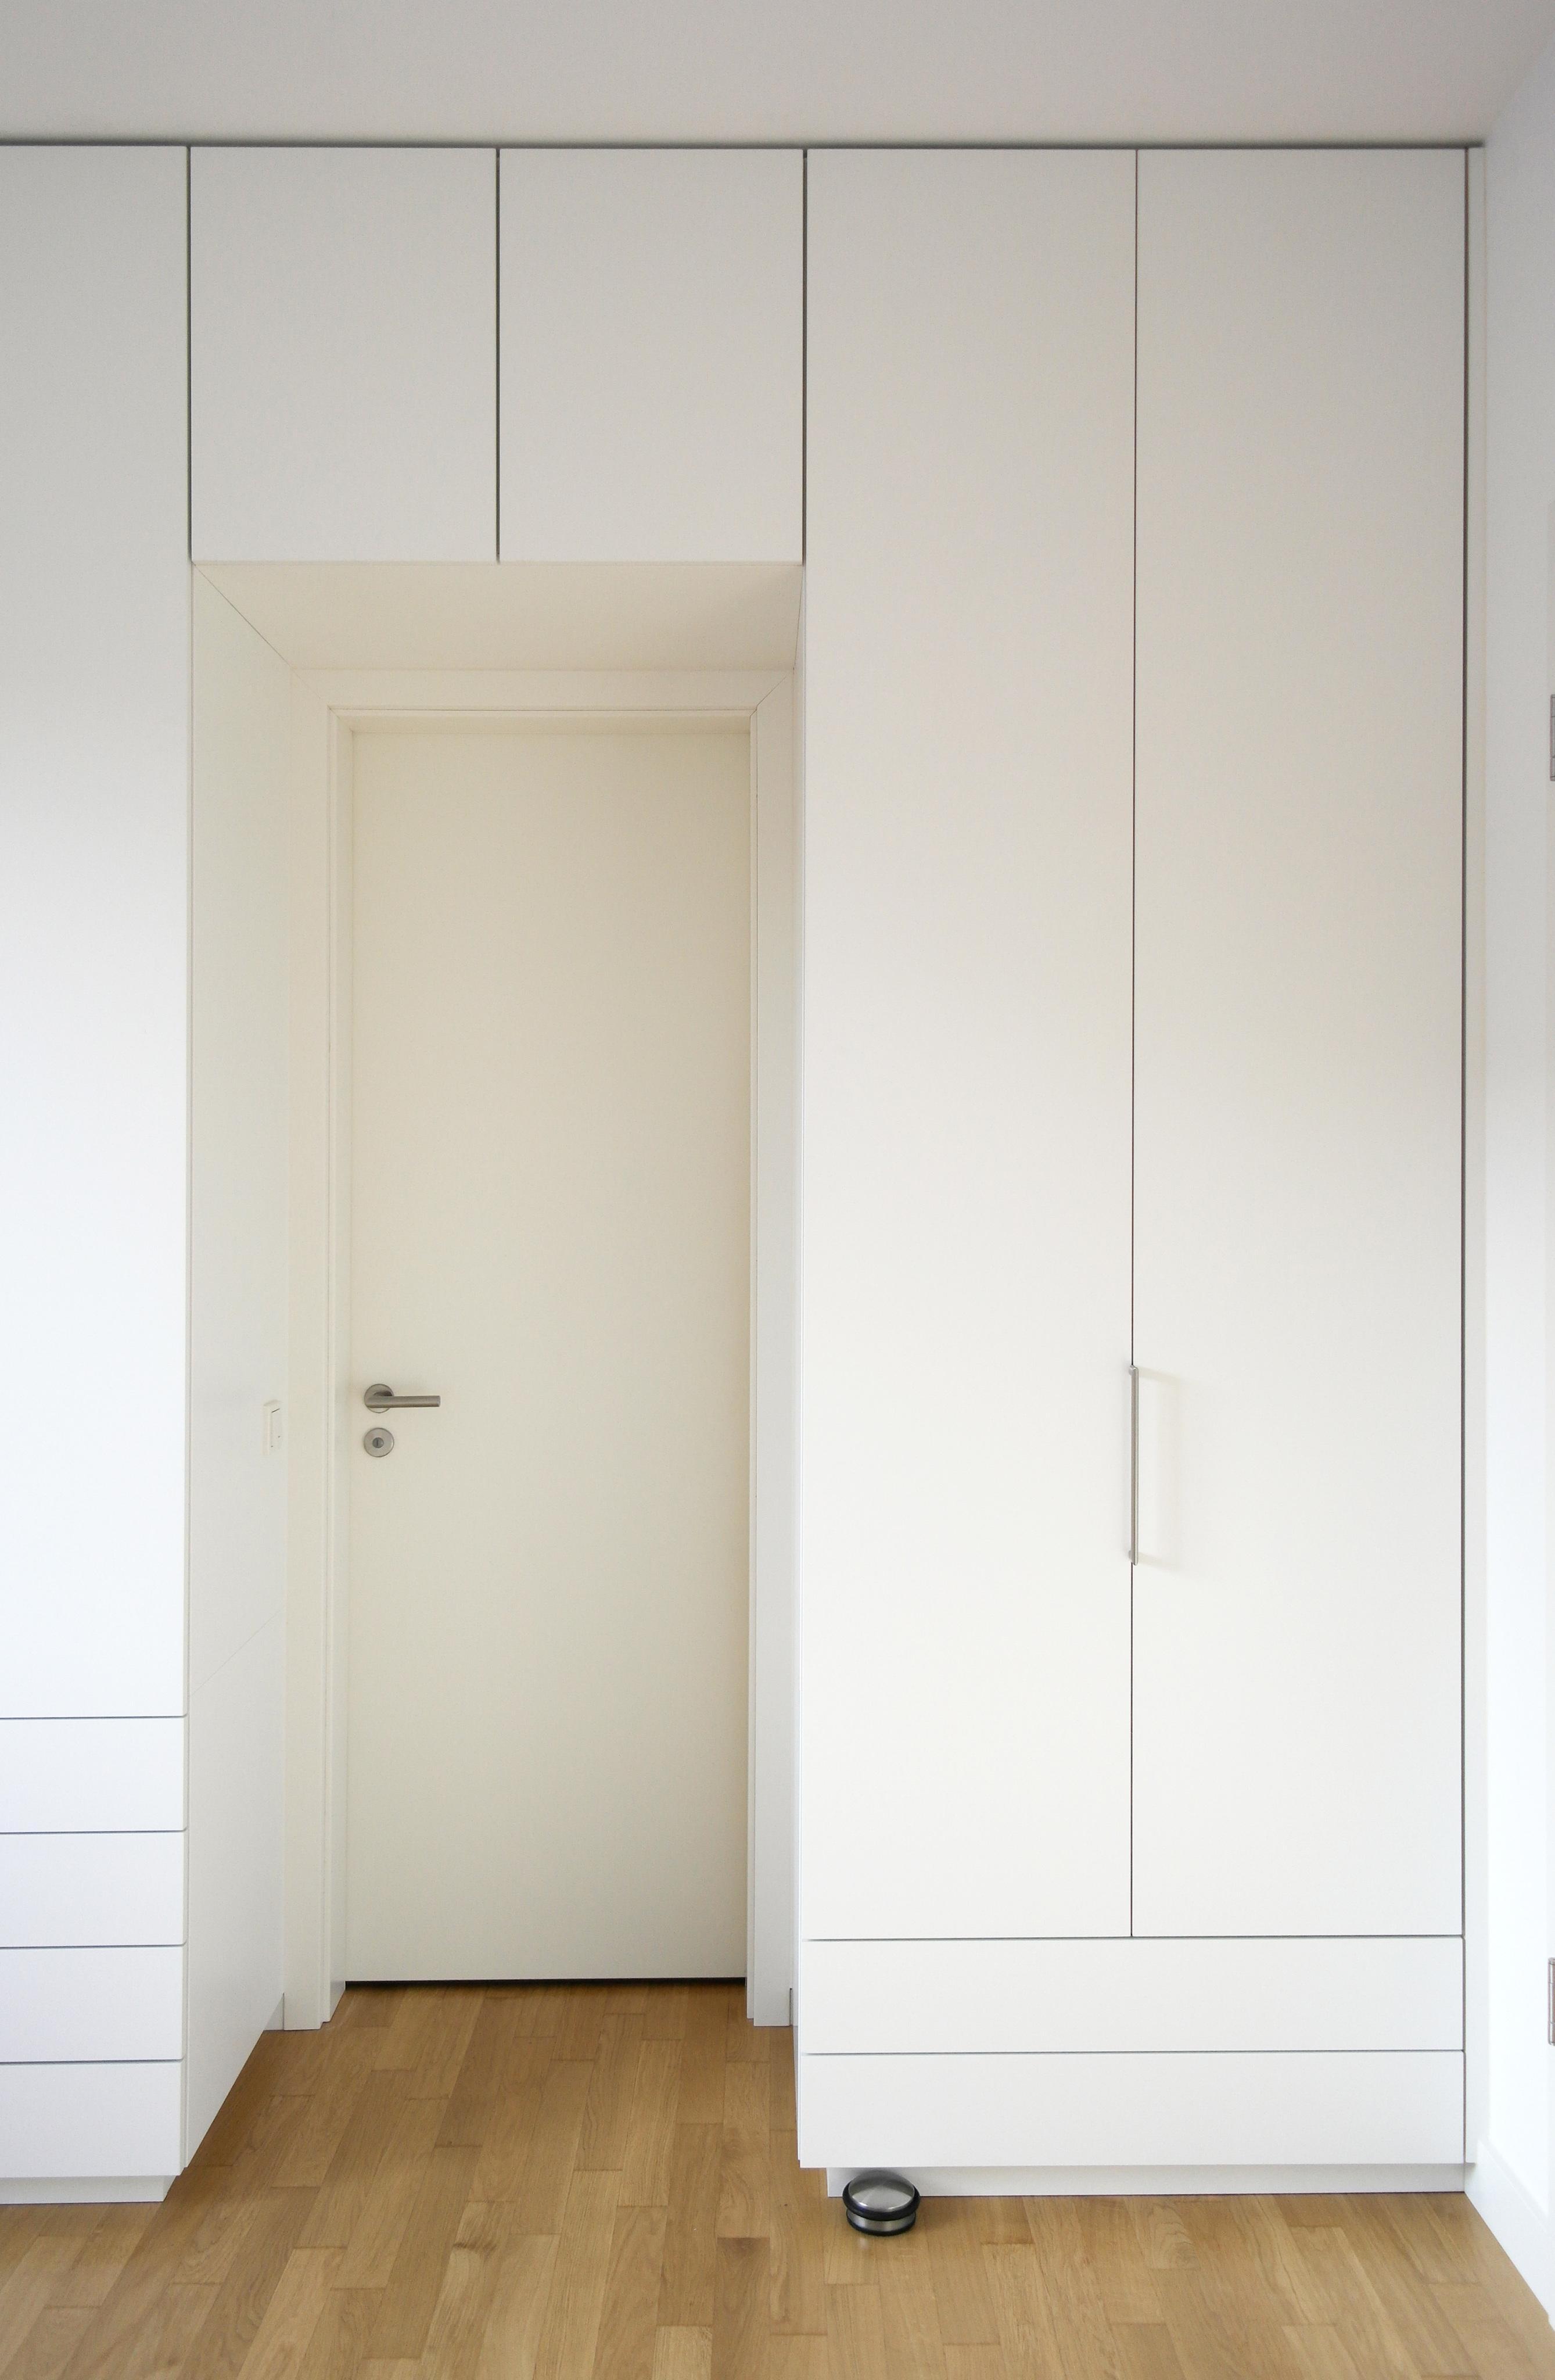 faltschiebet r bilder ideen couchstyle. Black Bedroom Furniture Sets. Home Design Ideas